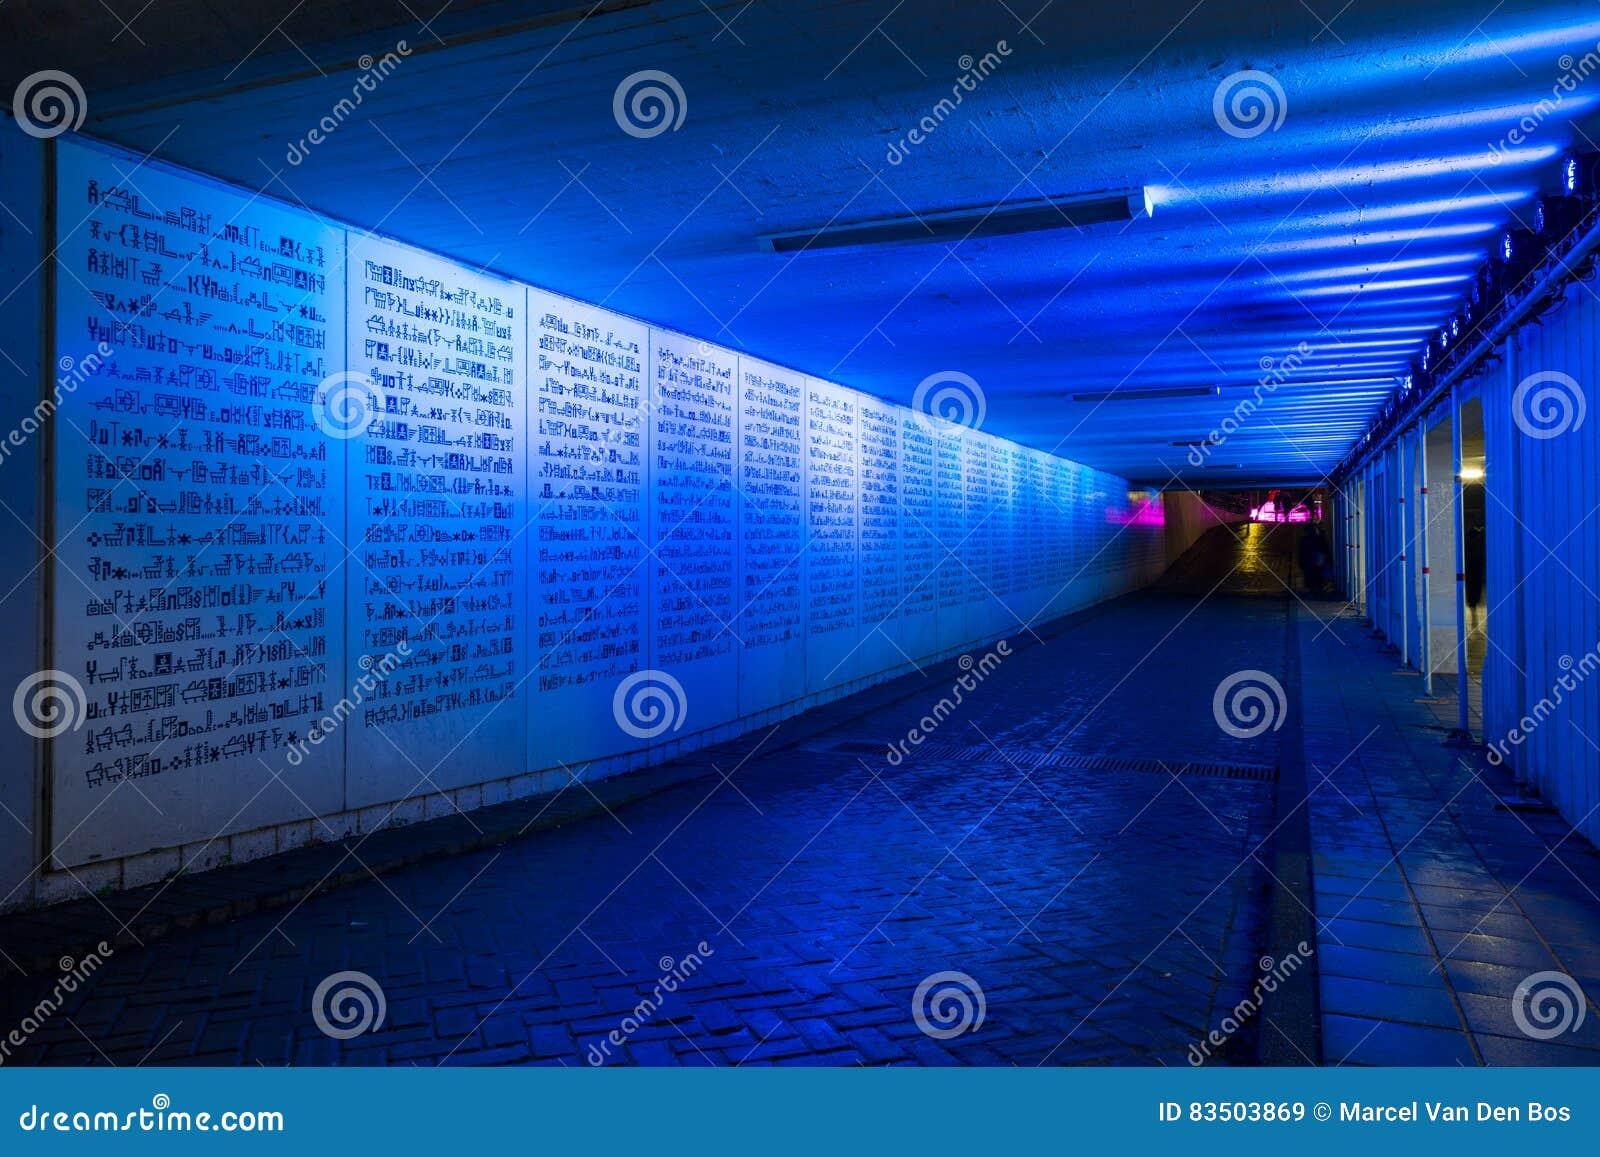 Licht Tour Amsterdam : Amsterdam licht festival sonar lichtimpuls redaktionelles